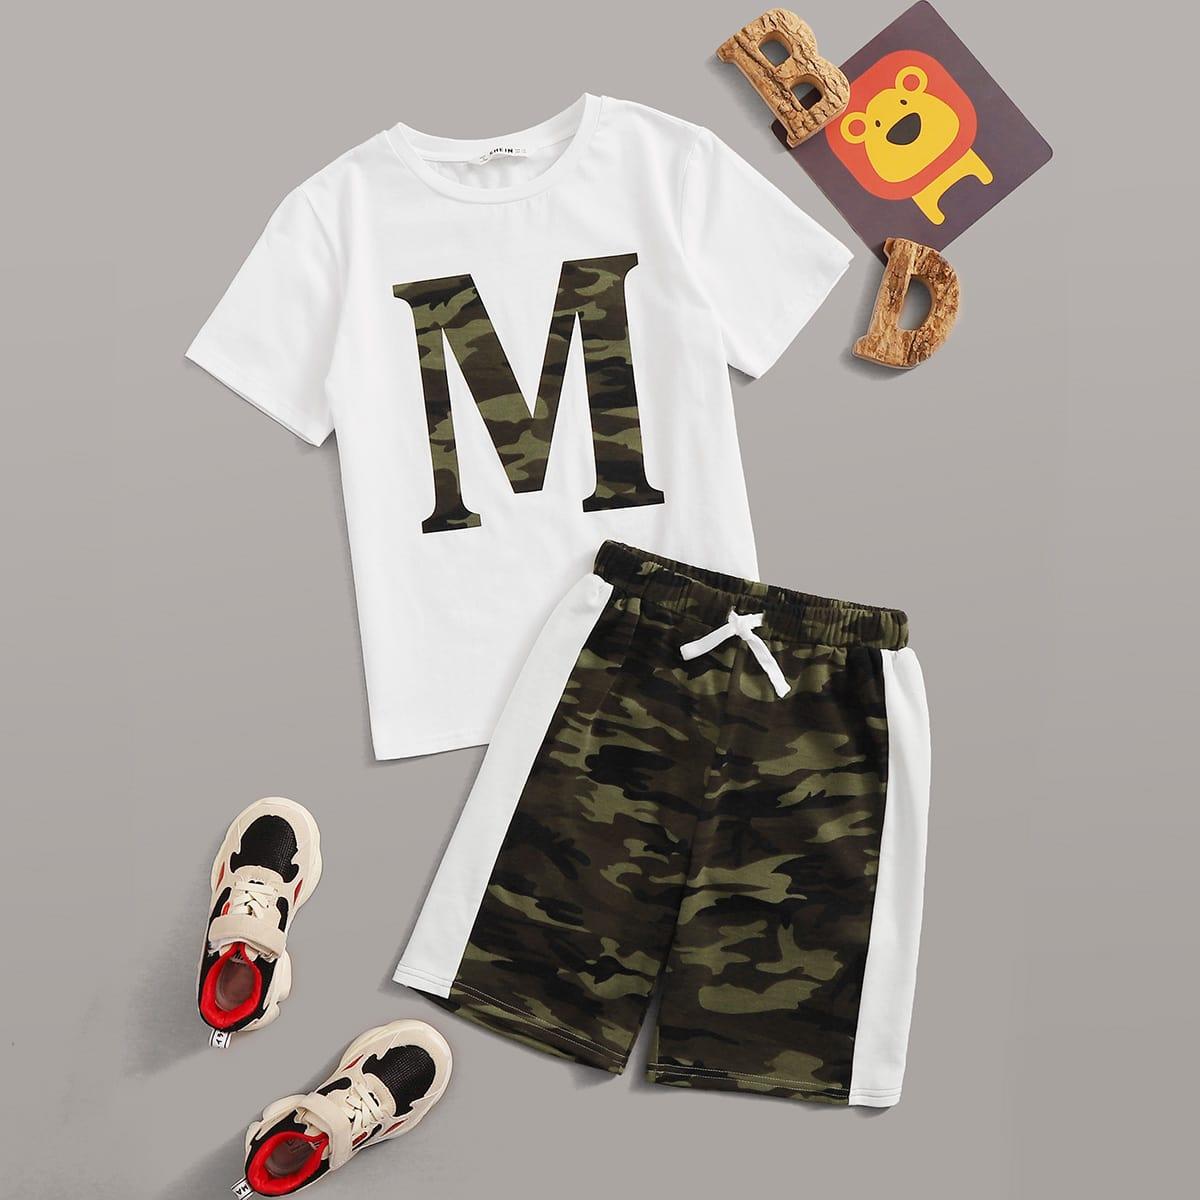 Топ с текстовым принтом и контрастные камуфляжные шорты для мальчиков от SHEIN